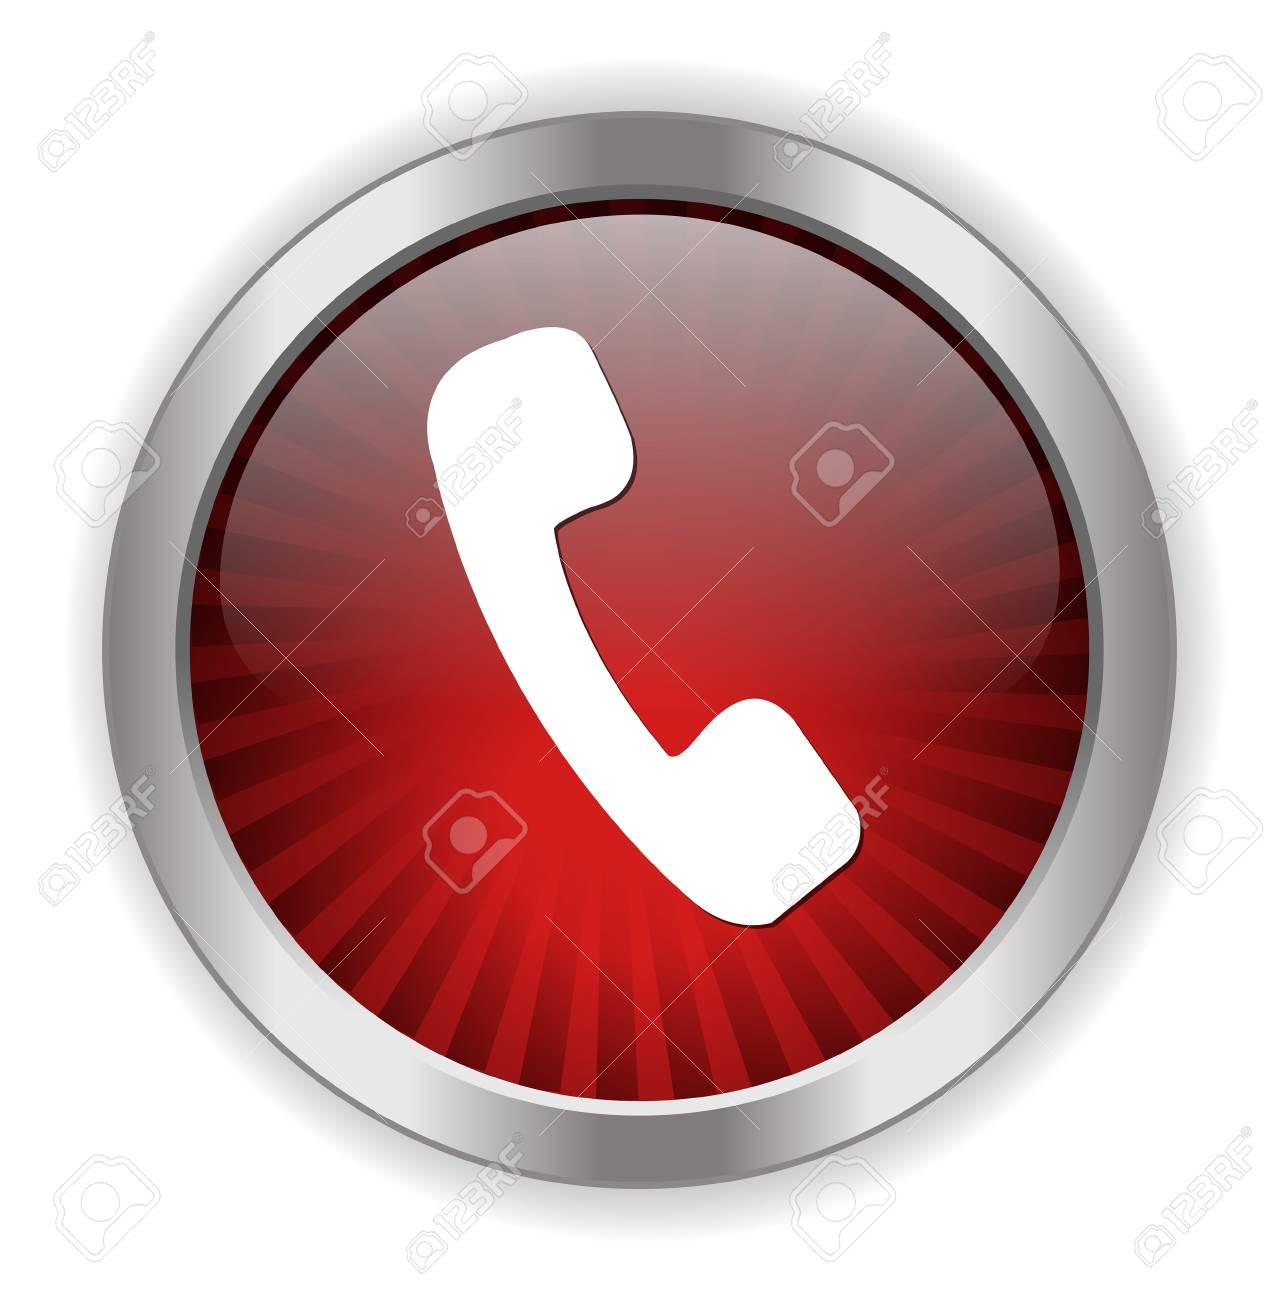 phone icon - 38269037